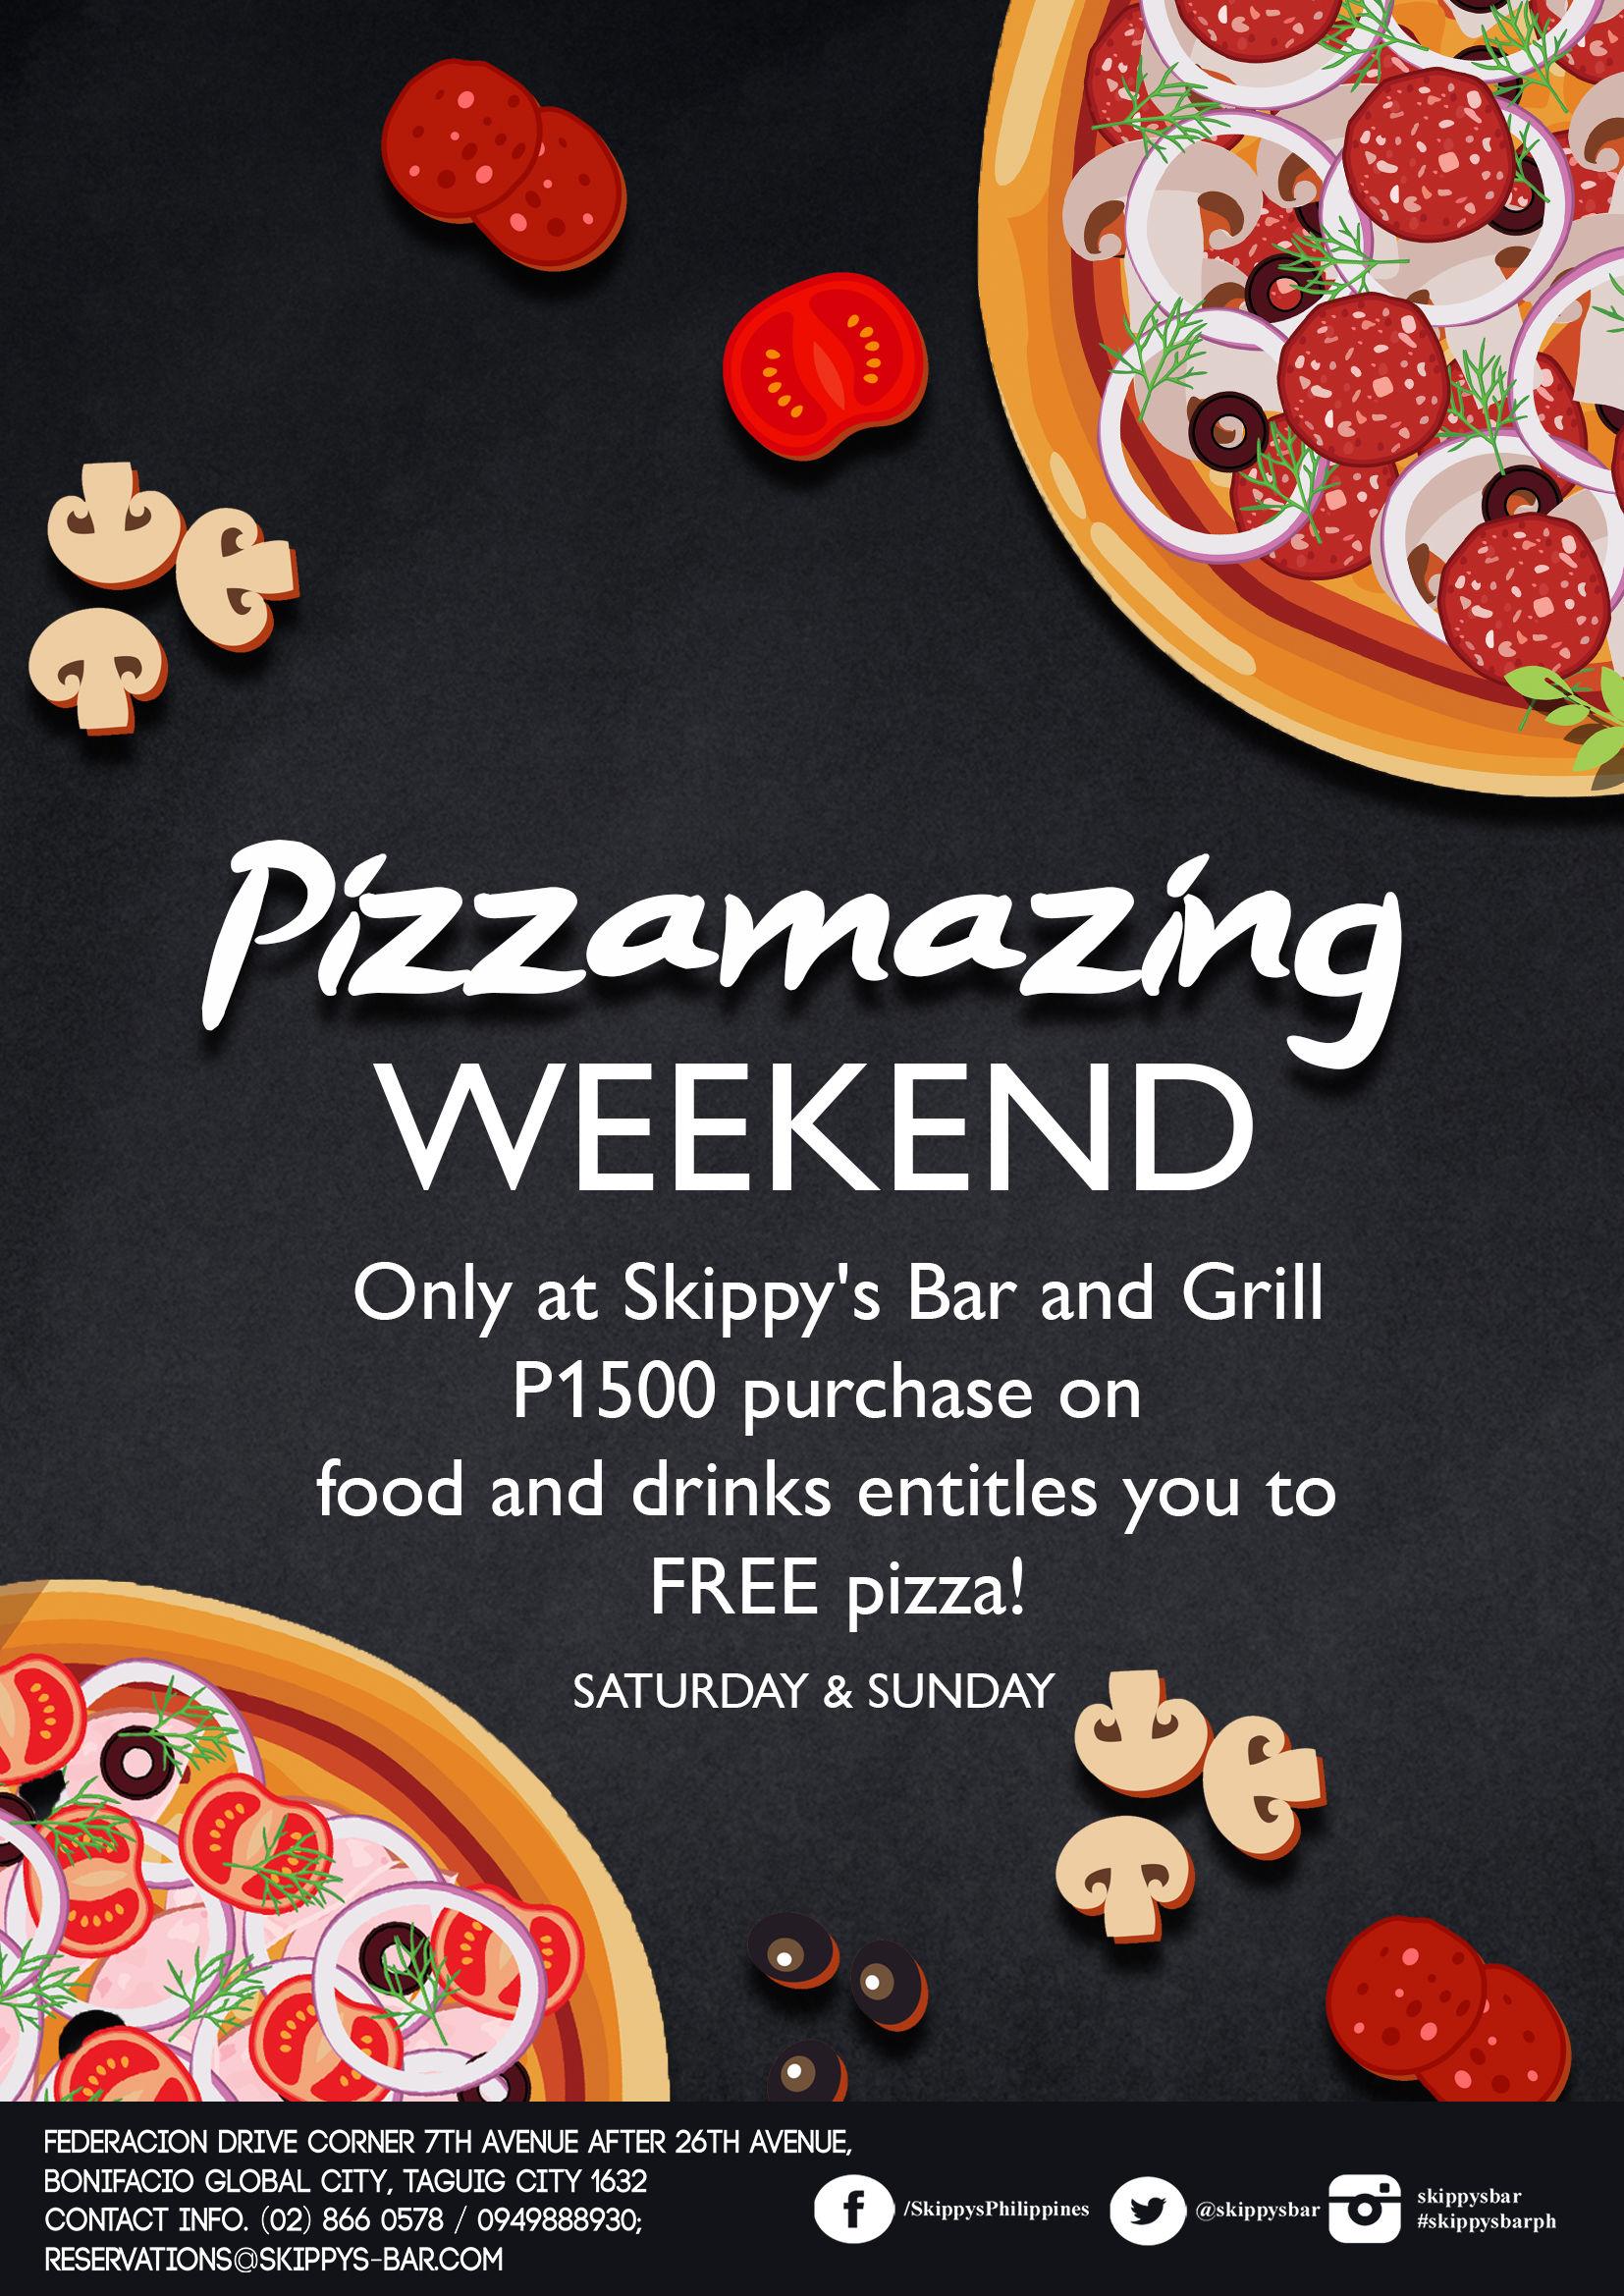 Pizzamazing